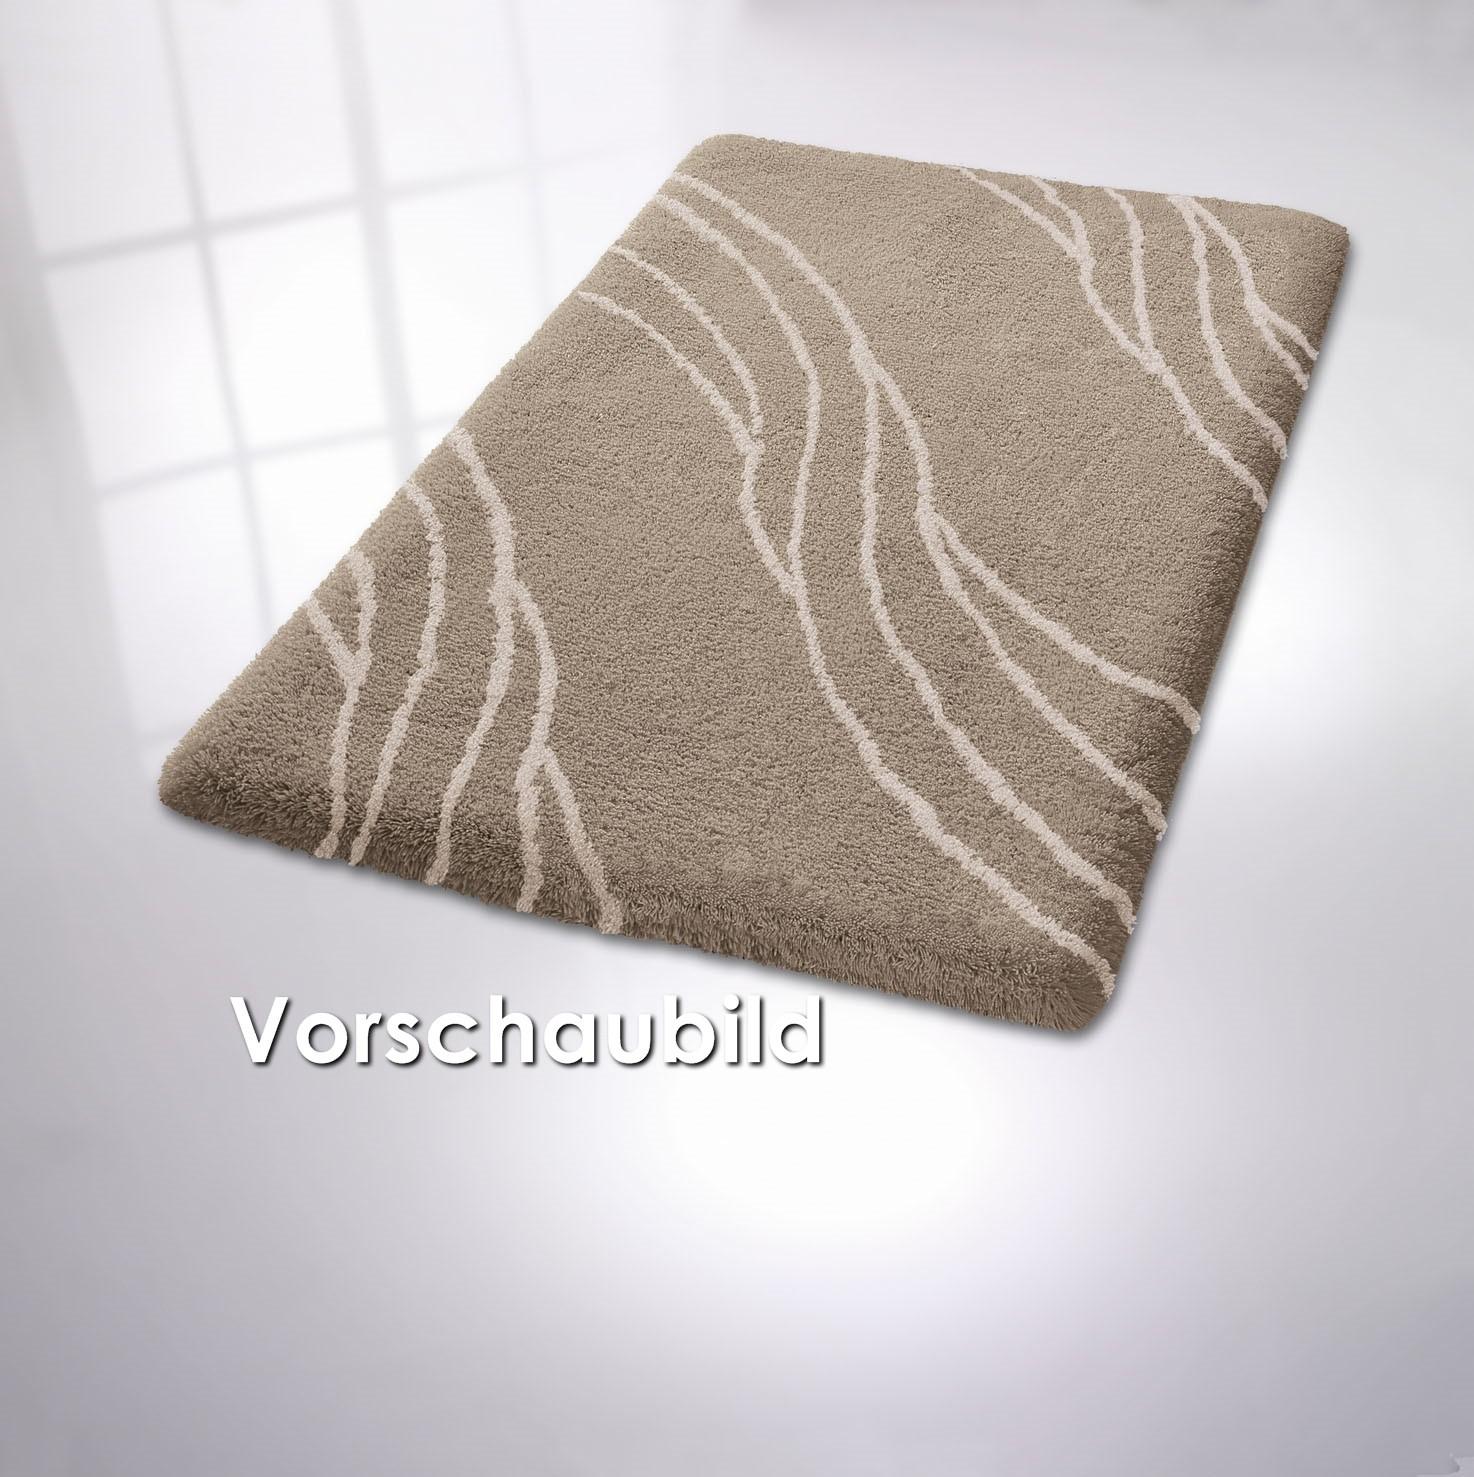 badteppich rialto 70 x 120 cm kiwigr n von kleine wolke. Black Bedroom Furniture Sets. Home Design Ideas